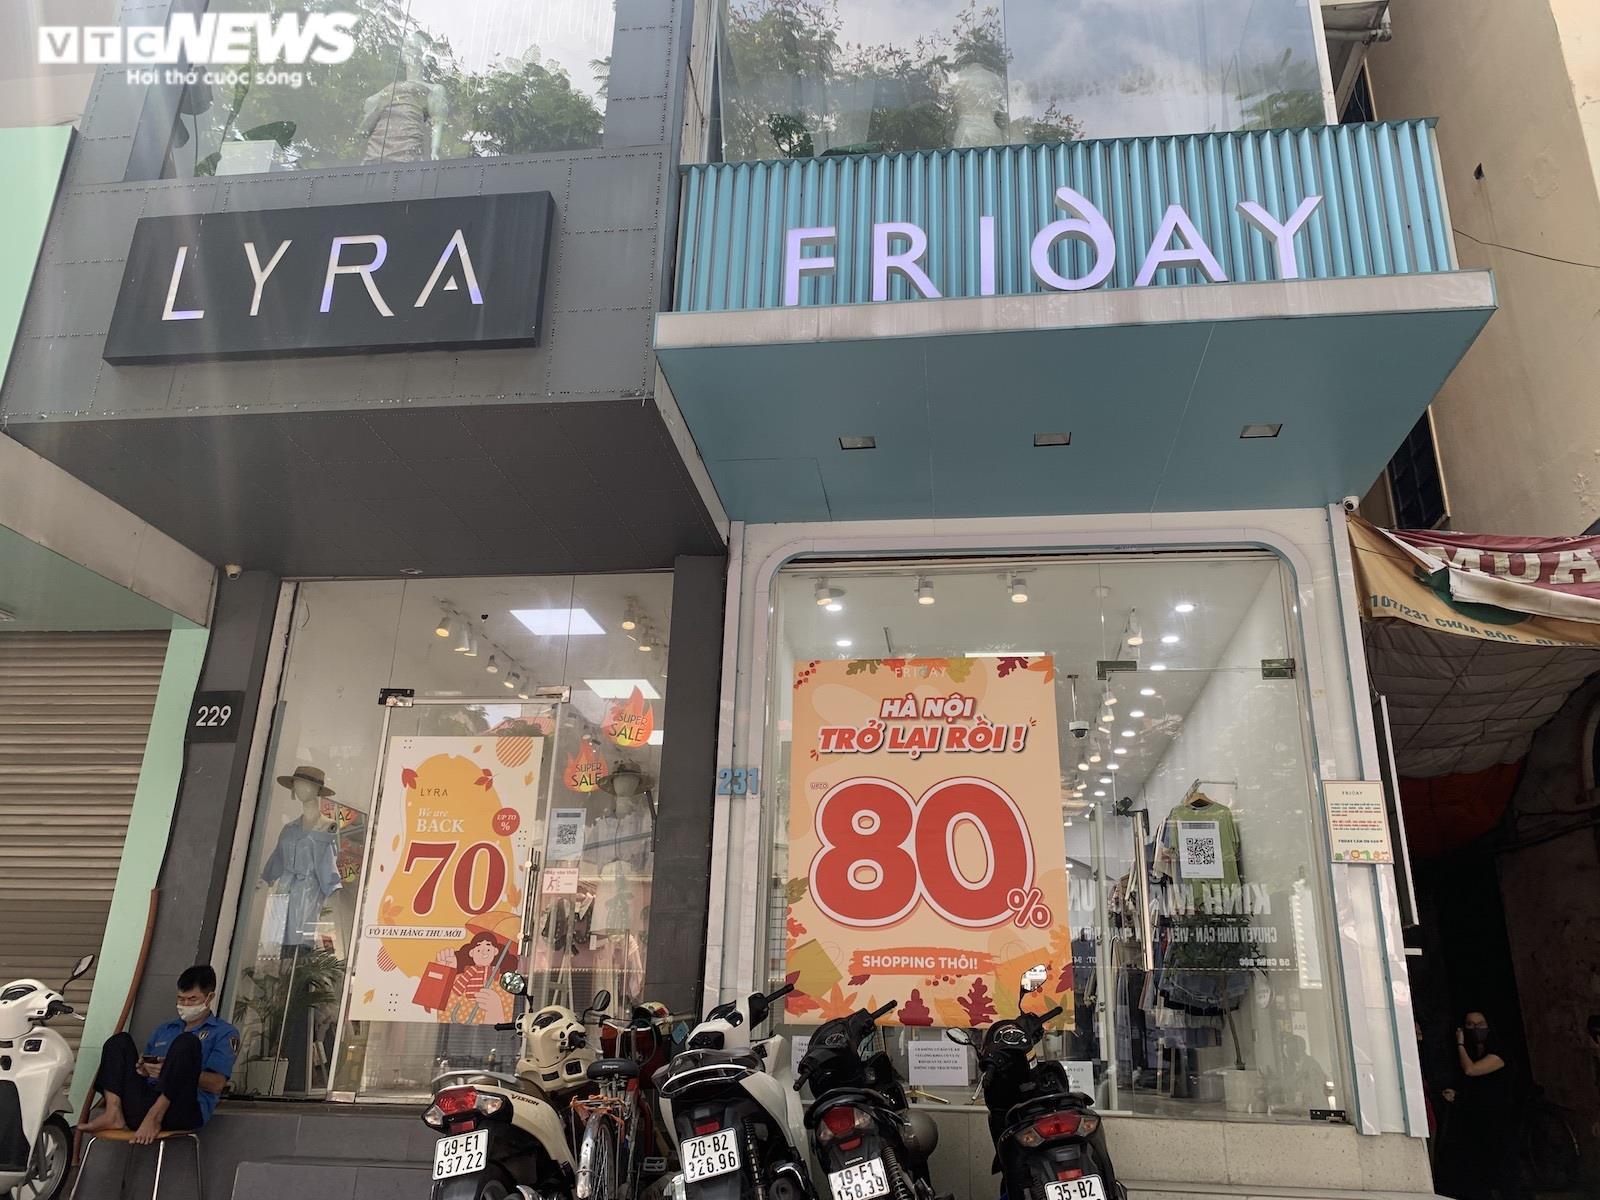 Được hoạt động trở lại, shop thời trang Hà Nội xả hàng, tung khuyến mãi  - 3